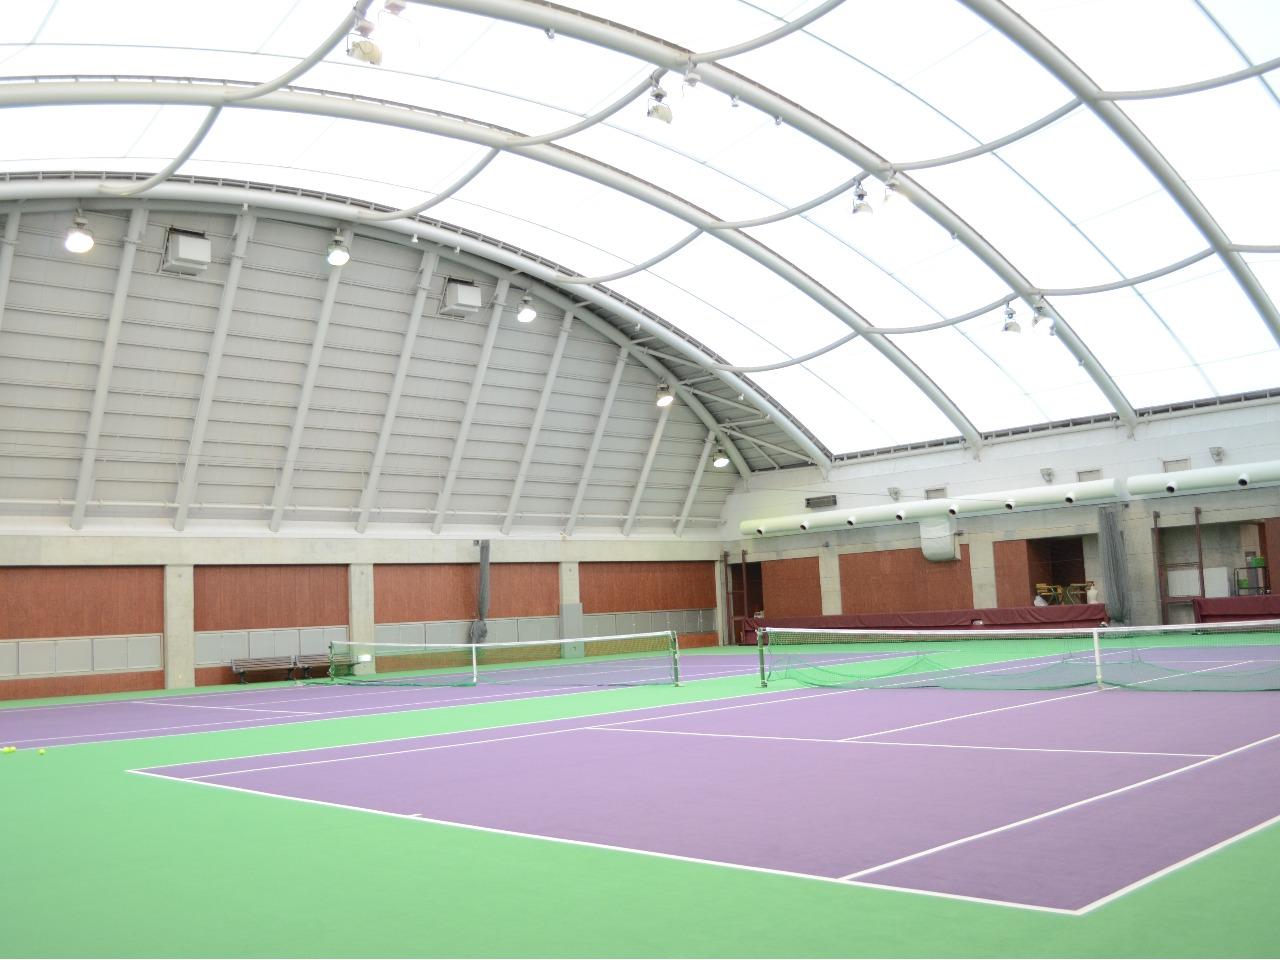 冷暖房完備のテニスドーム